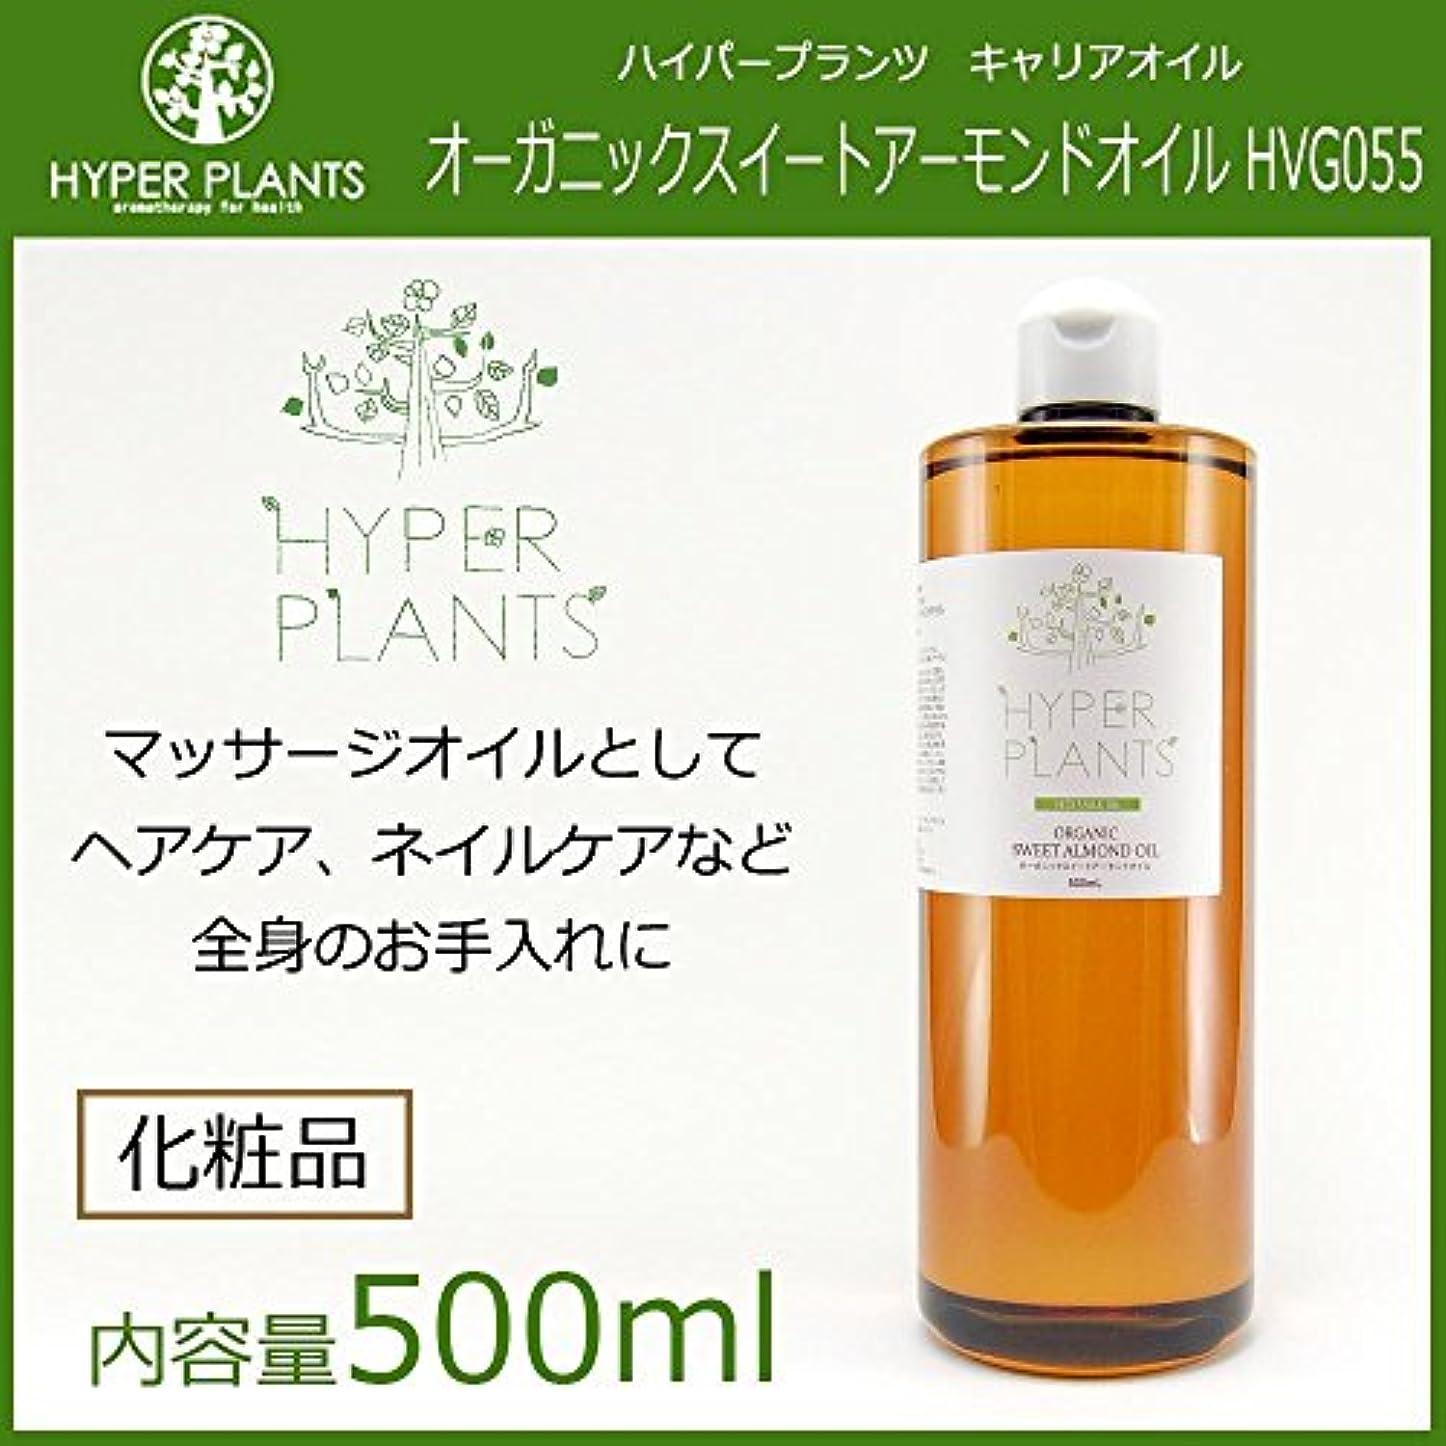 不規則な適用済み豊かなHYPER PLANTS ハイパープランツ キャリアオイル オーガニックスイートアーモンドオイル 500ml HVG055